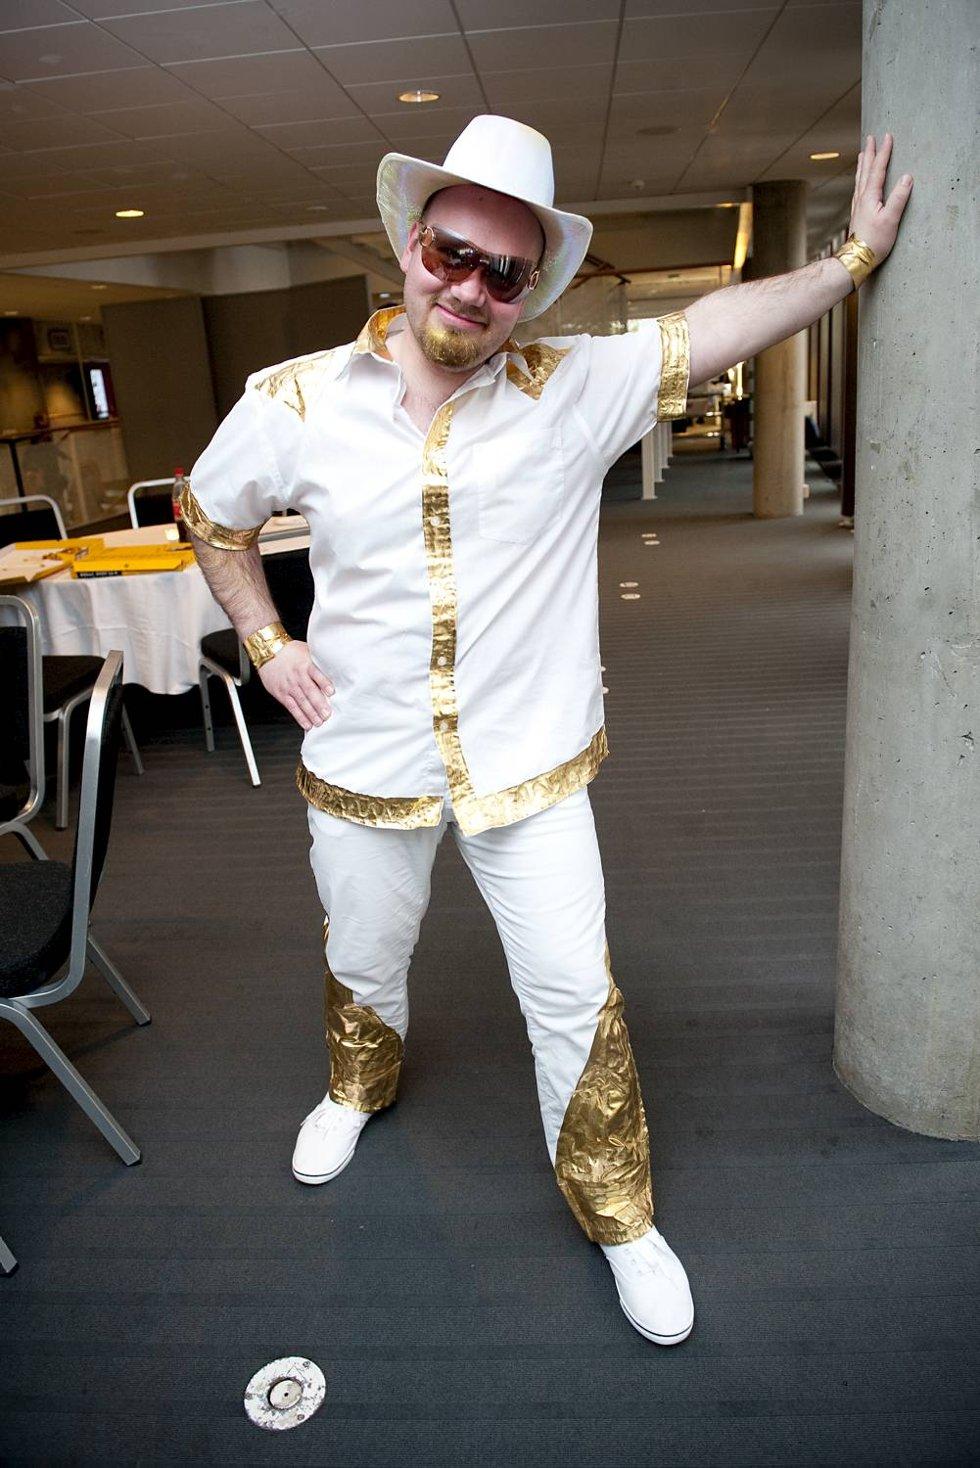 Tyske Robert i gullskjorte og moteriktige solbriller.  Han fremførte Tysklands 2000-bidrag Wadde Hadde Dudde Da.  (Foto: VIDAR LANGELAND)